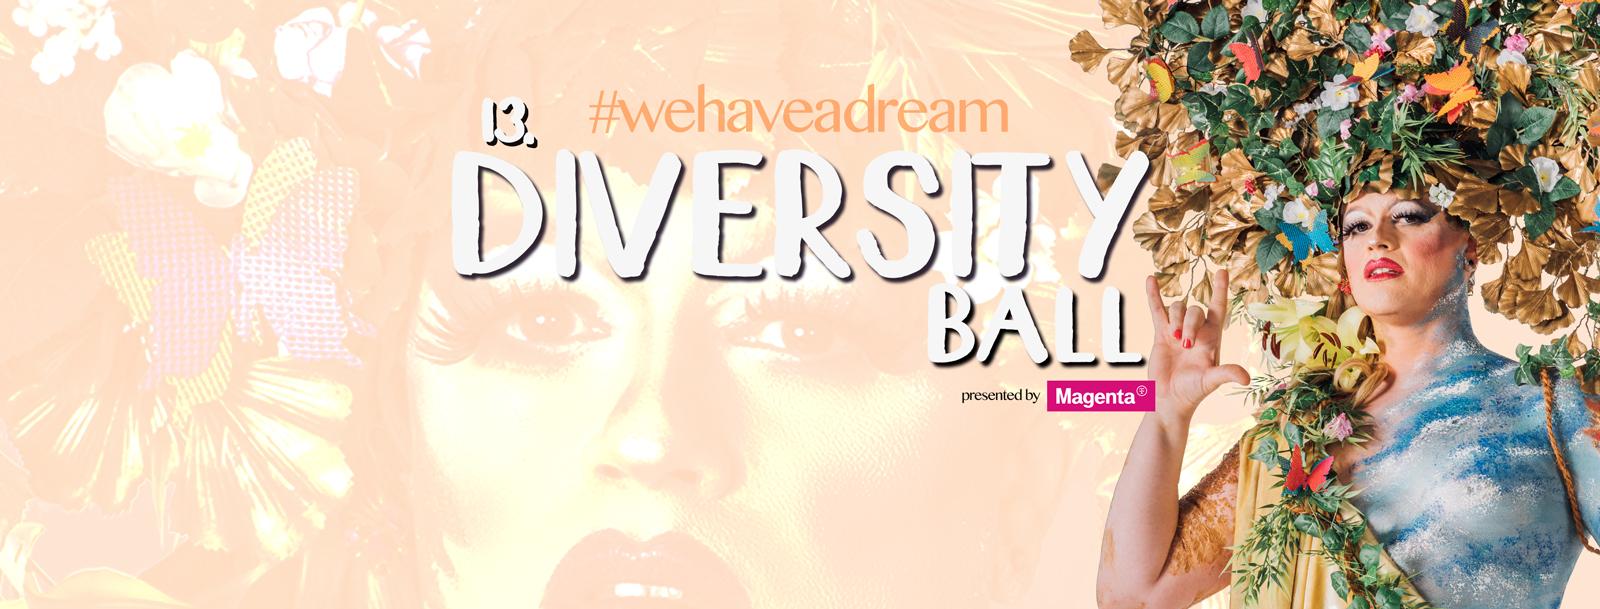 13. Diversity Ball am 9. May 2020 @ Kursalon.